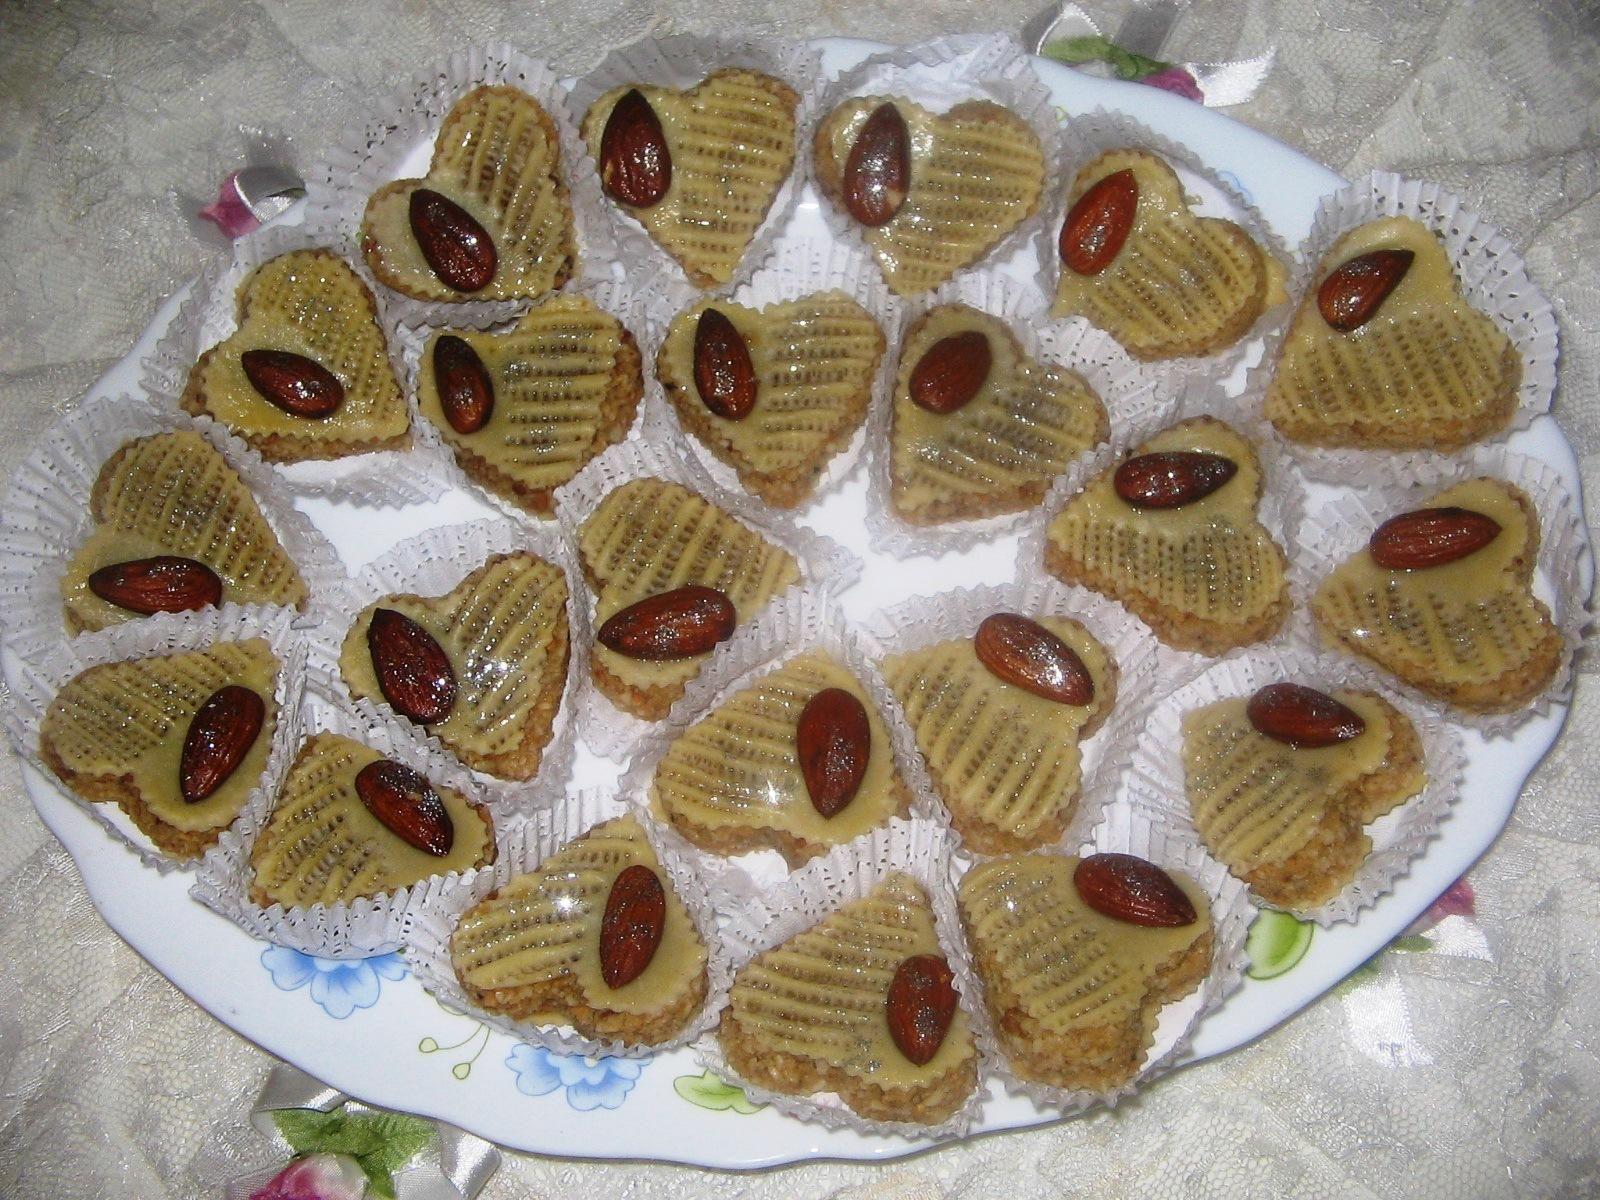 صورة حلويات الافراح بالصور والطريقة , حلوى الافراح بالصور وطريقه العمل